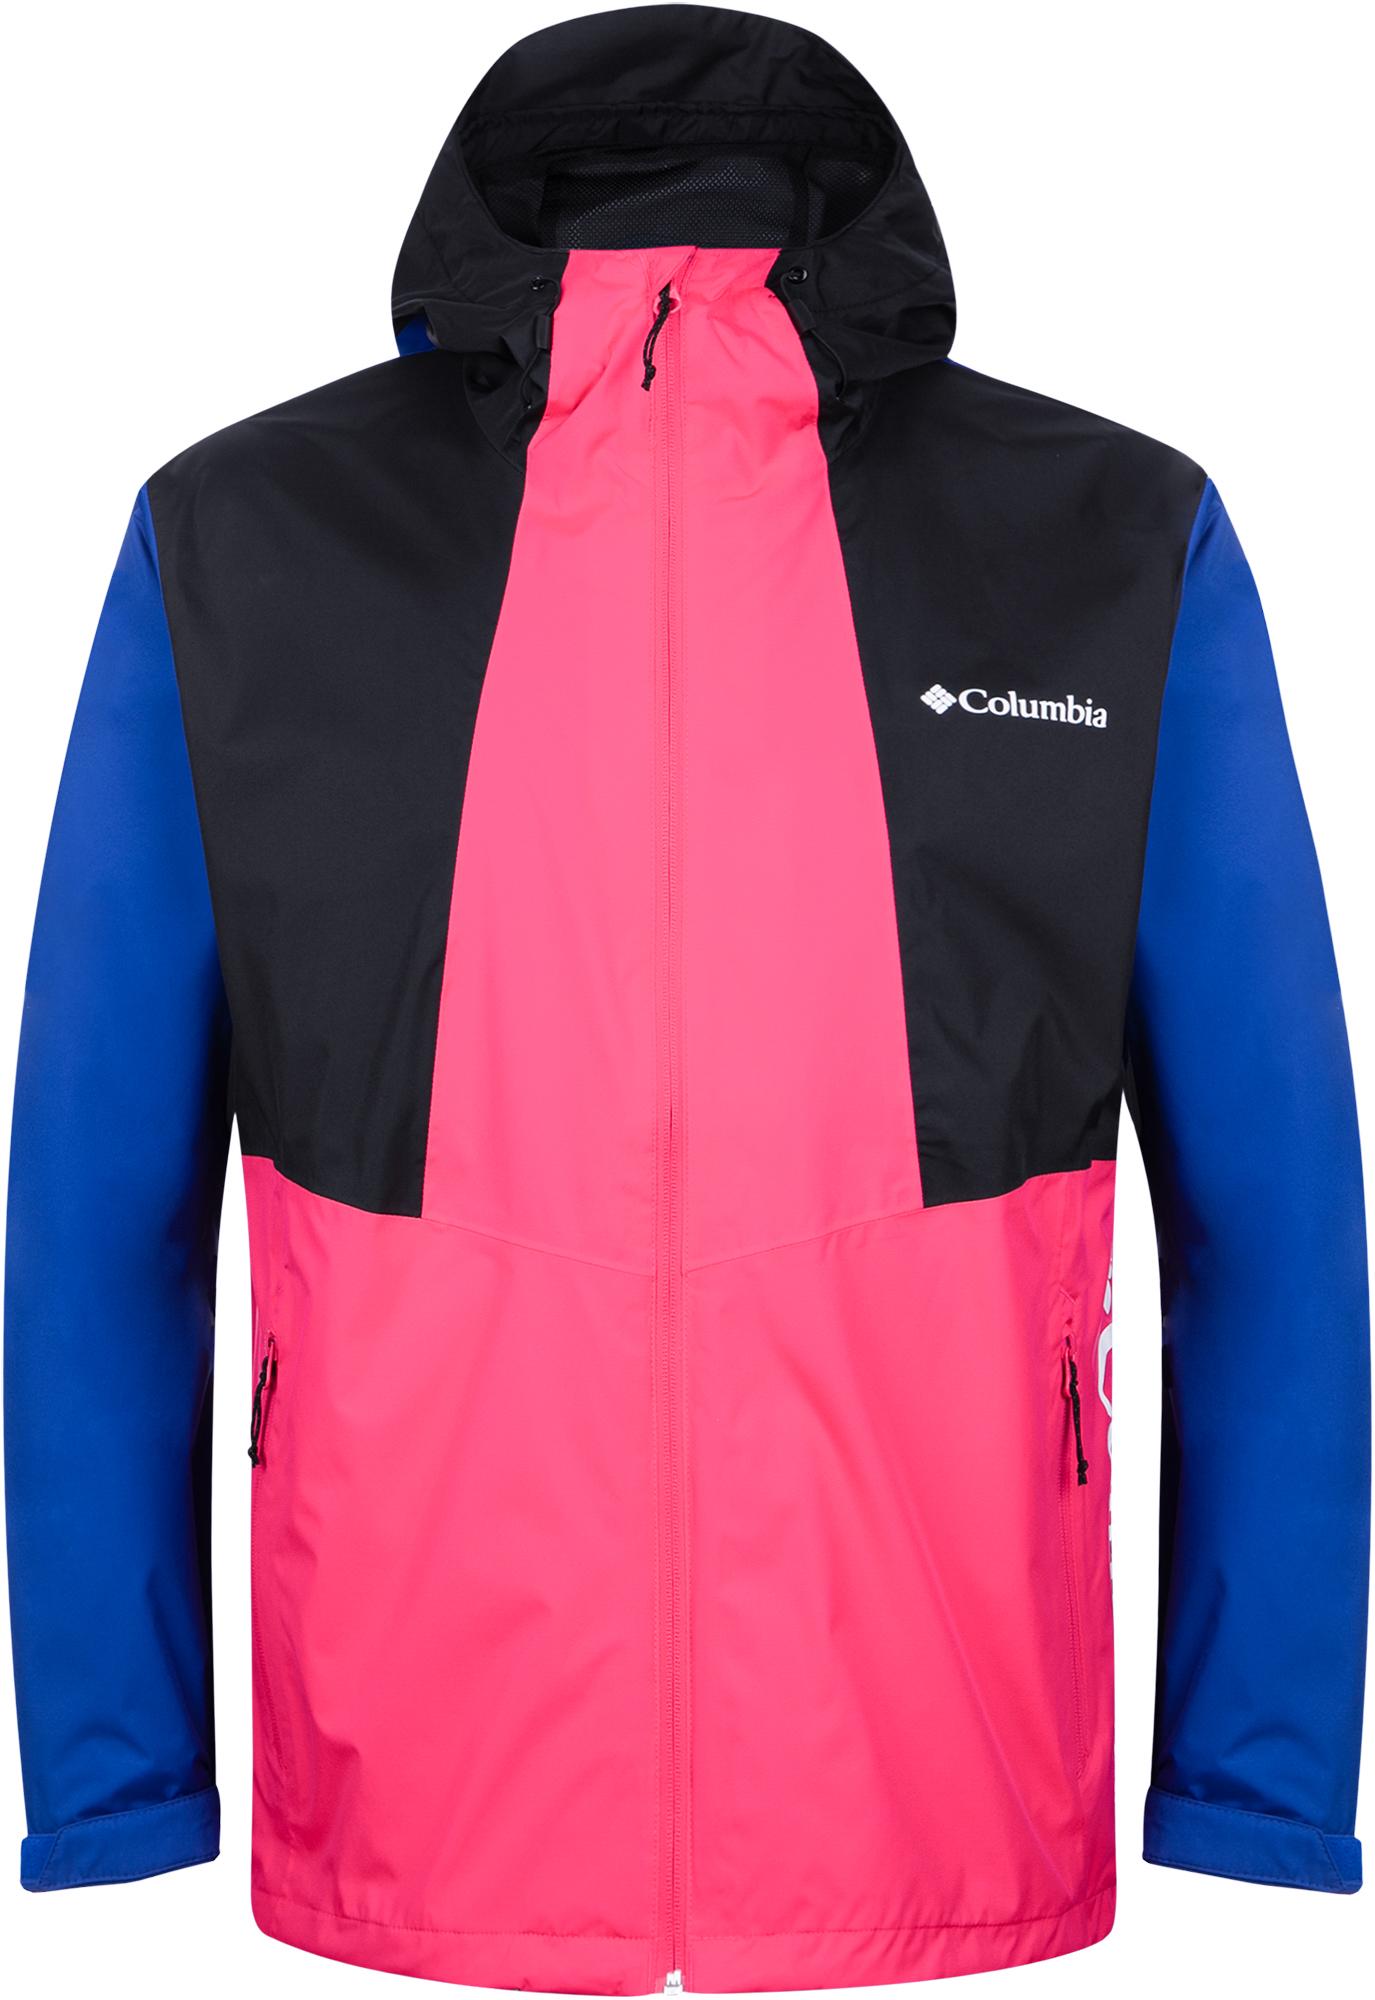 Columbia Куртка мембранная Columbia Inner Limits II, размер 48-50 columbia куртка columbia falmouth™ размер 48 50